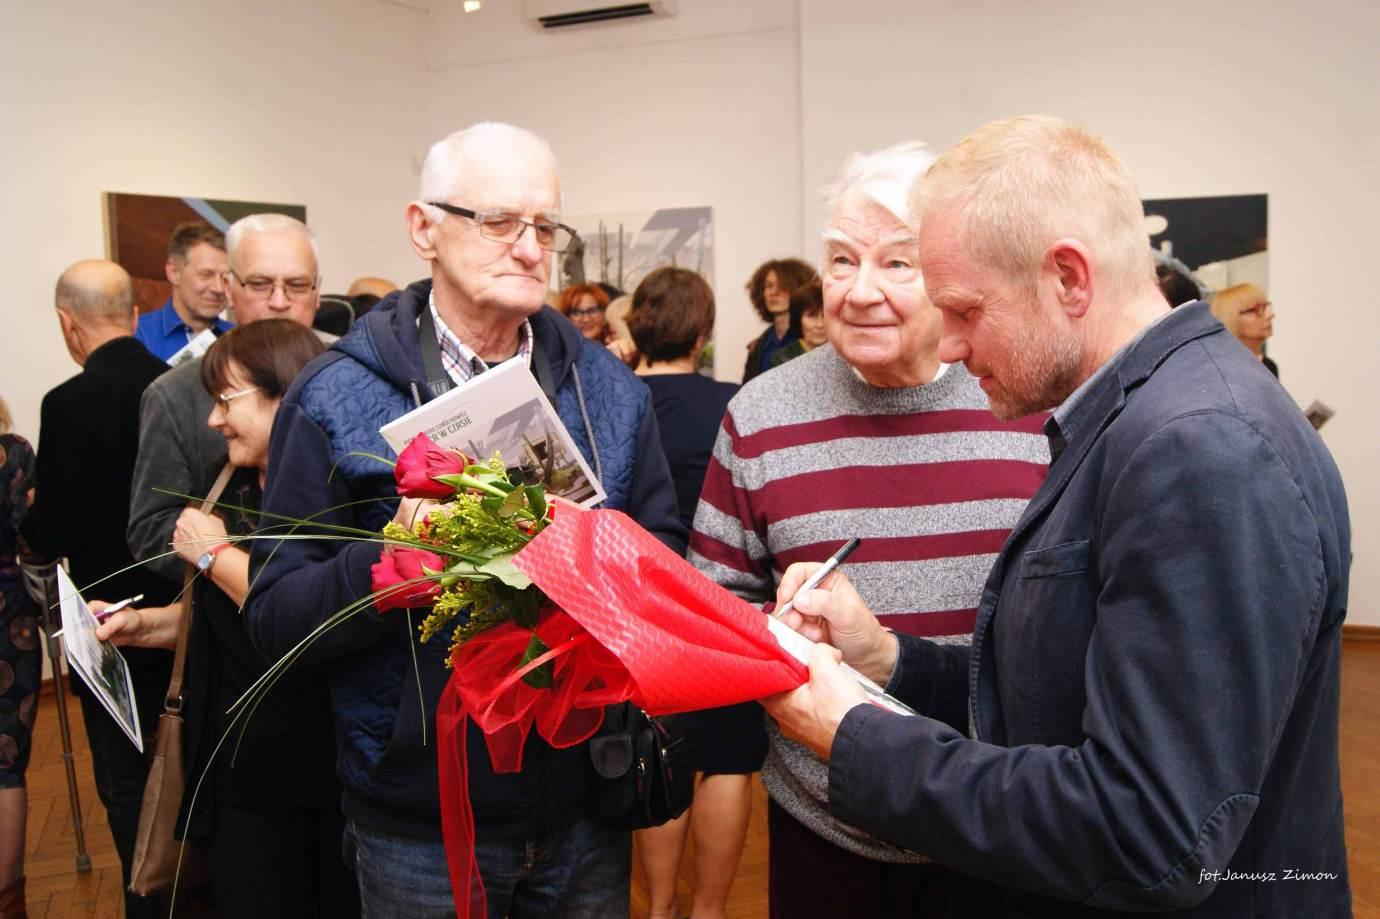 piotr tymochowicz bwa galeria zamojska fot janusz zimon 20 Zamość: Wernisaż wystawy Piotra Tymochowicza